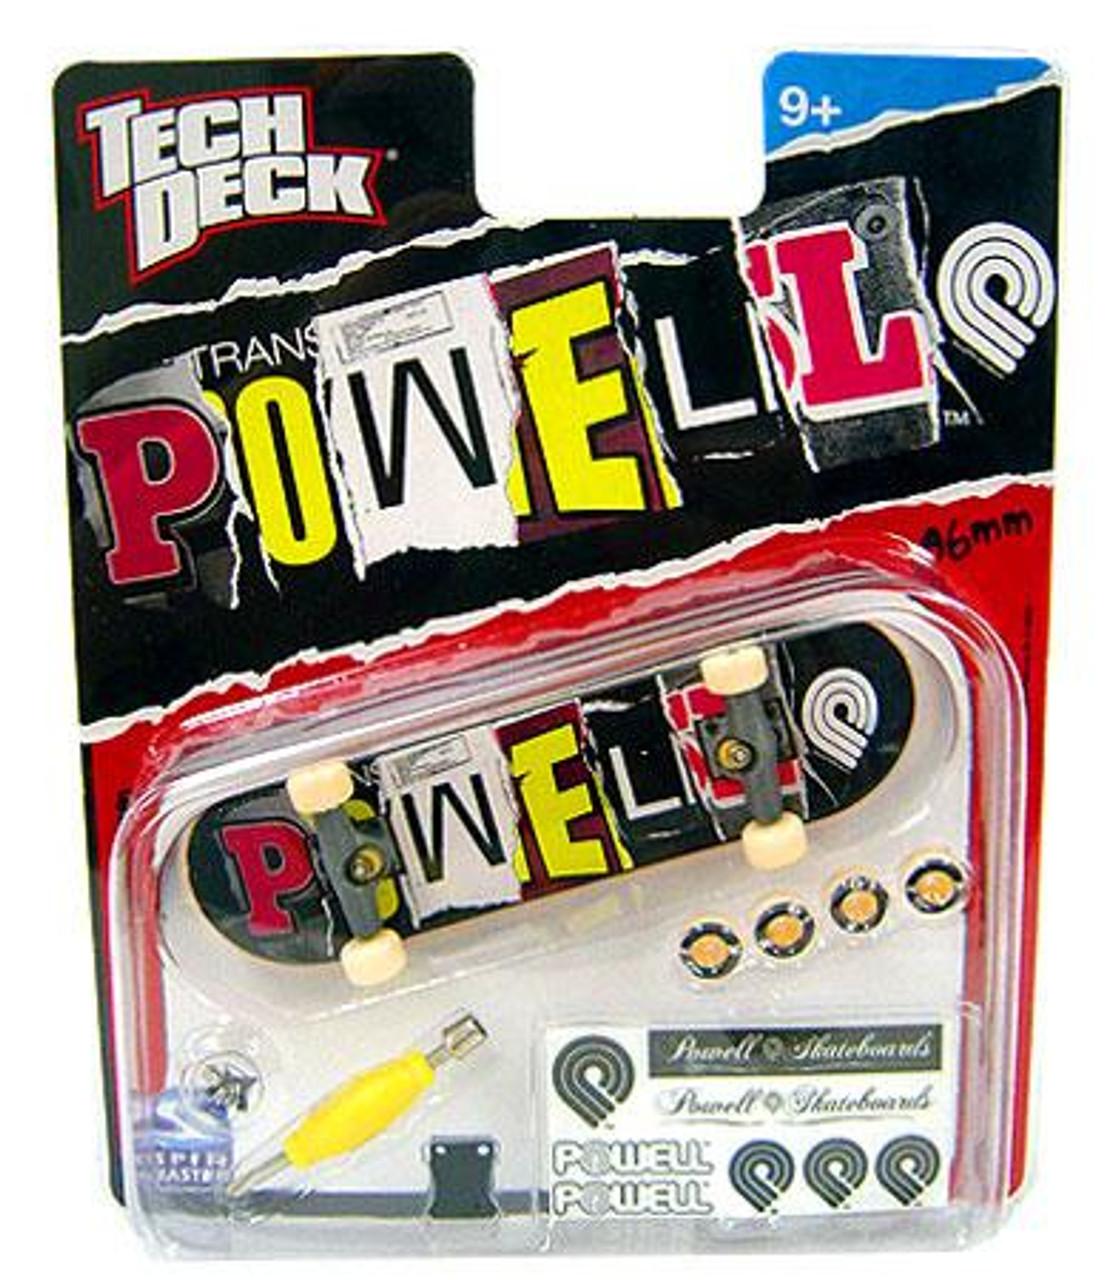 Tech Deck Powell 96mm Mini Skateboard [Ransom Note Logo]